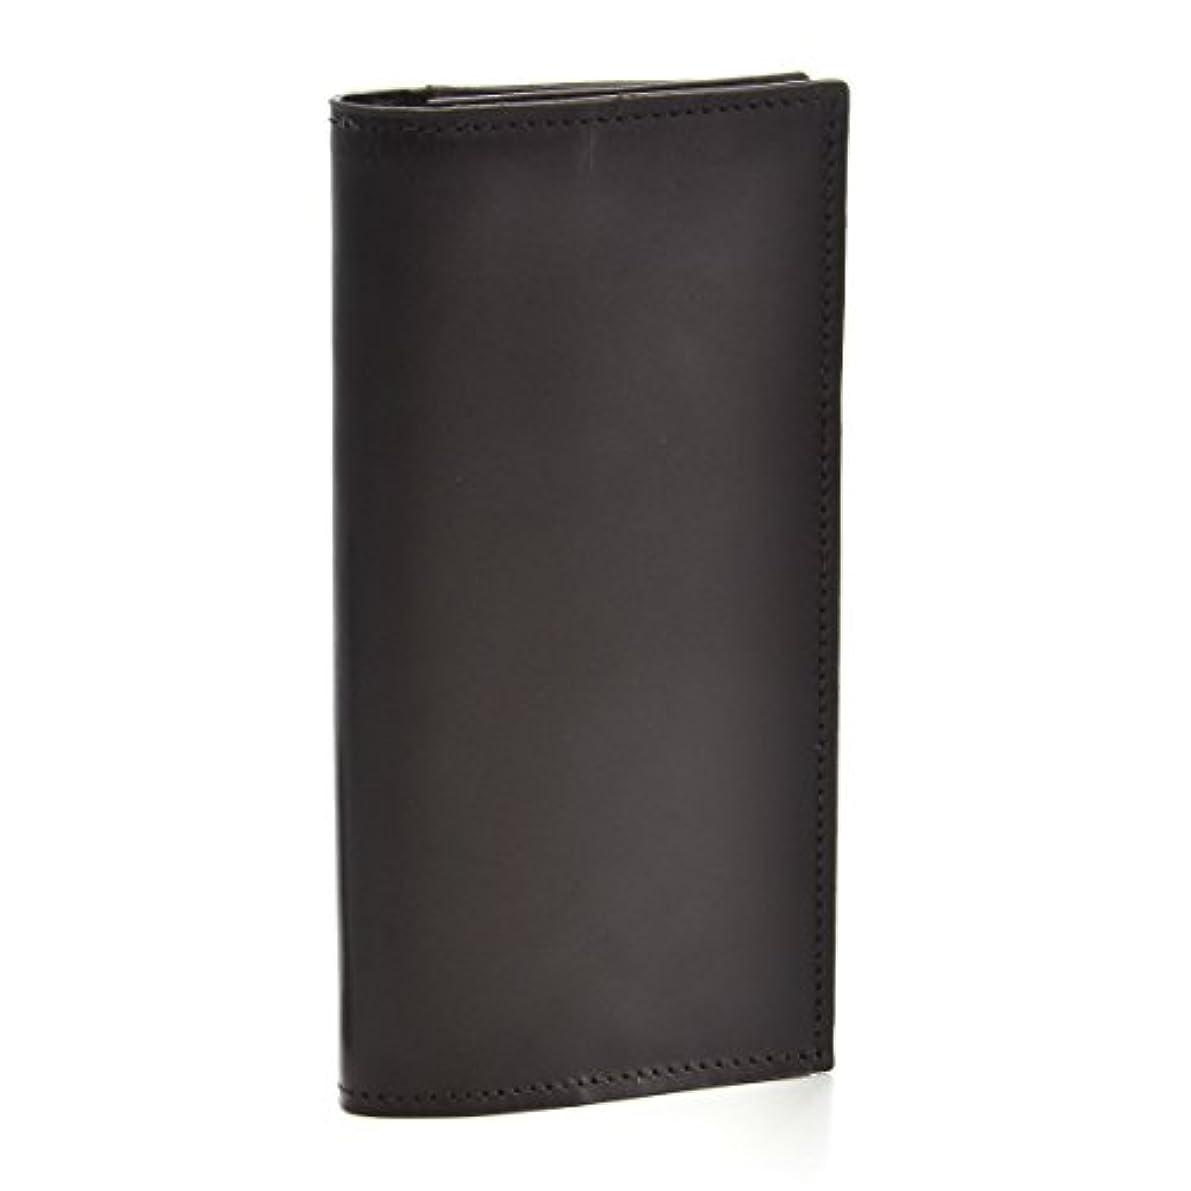 バランス浸食わずかなGLENROYAL(グレンロイヤル) 財布 メンズ BRIDLE LEATHER 2つ折り長財布 ダークブラウン 035605-0001-0001 [並行輸入品]